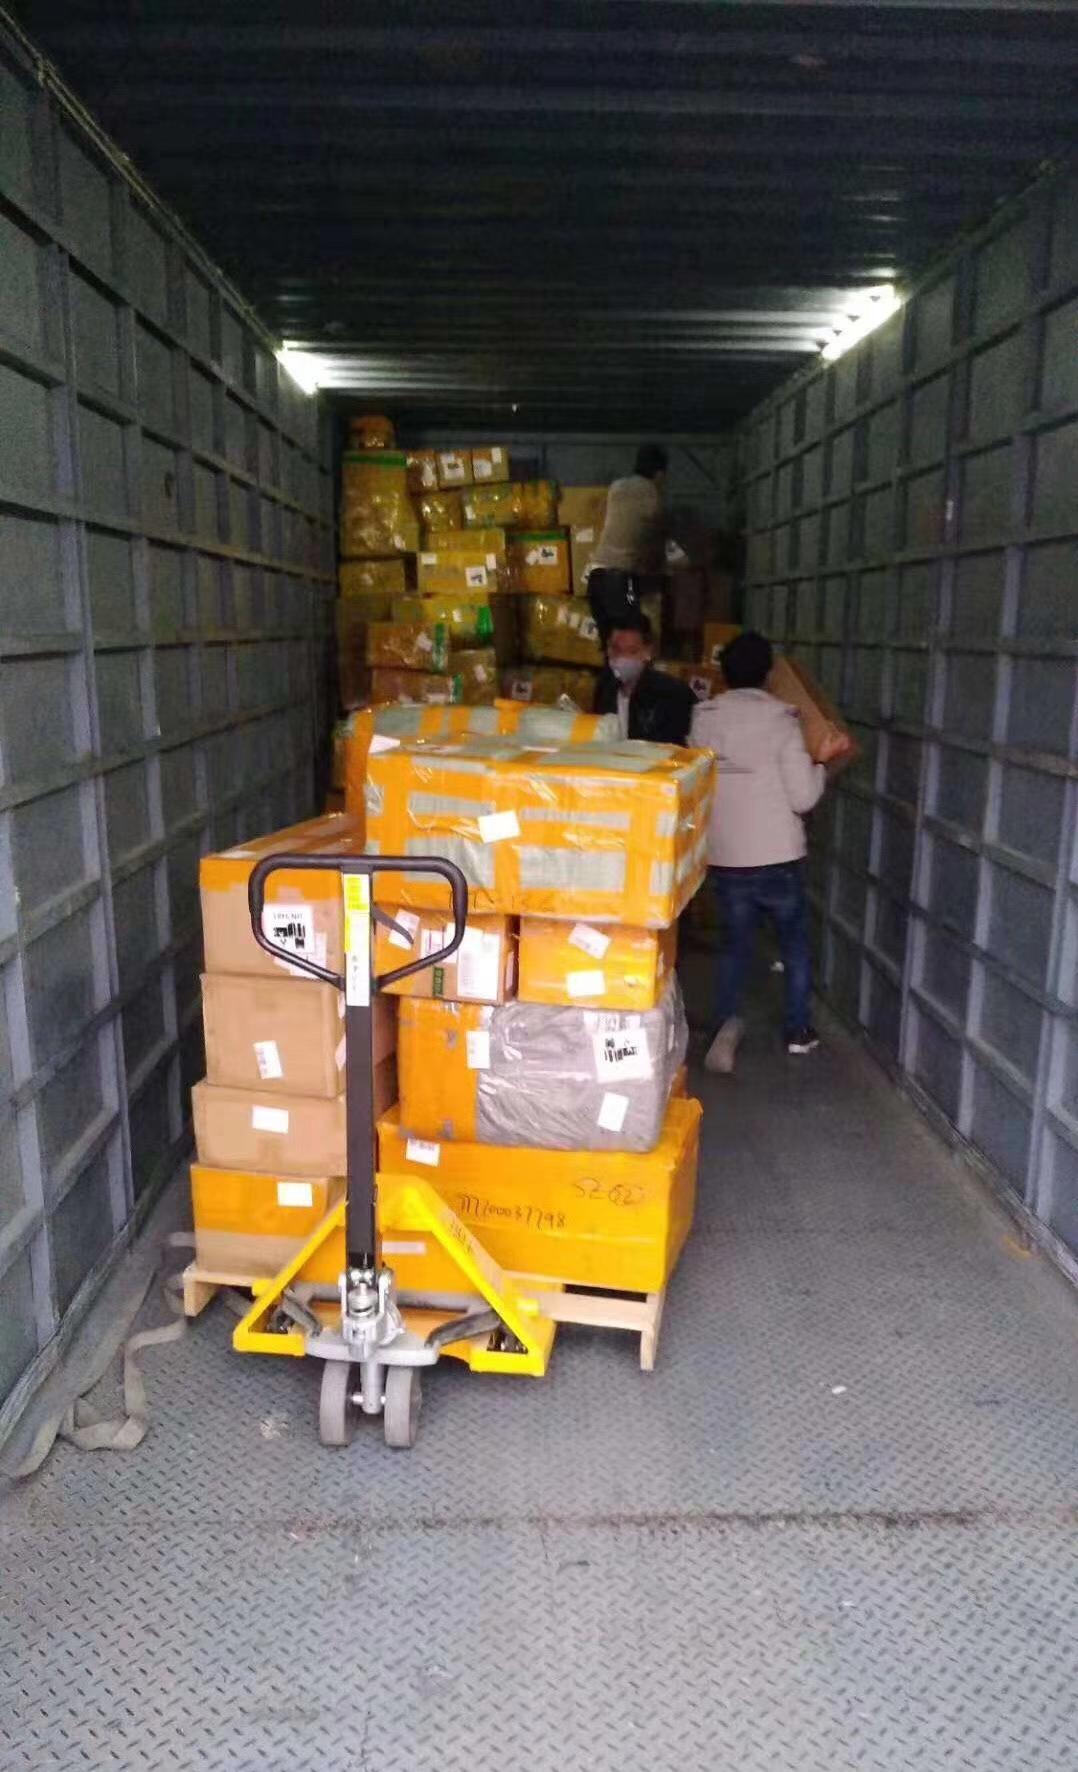 菲律宾国际快递物流